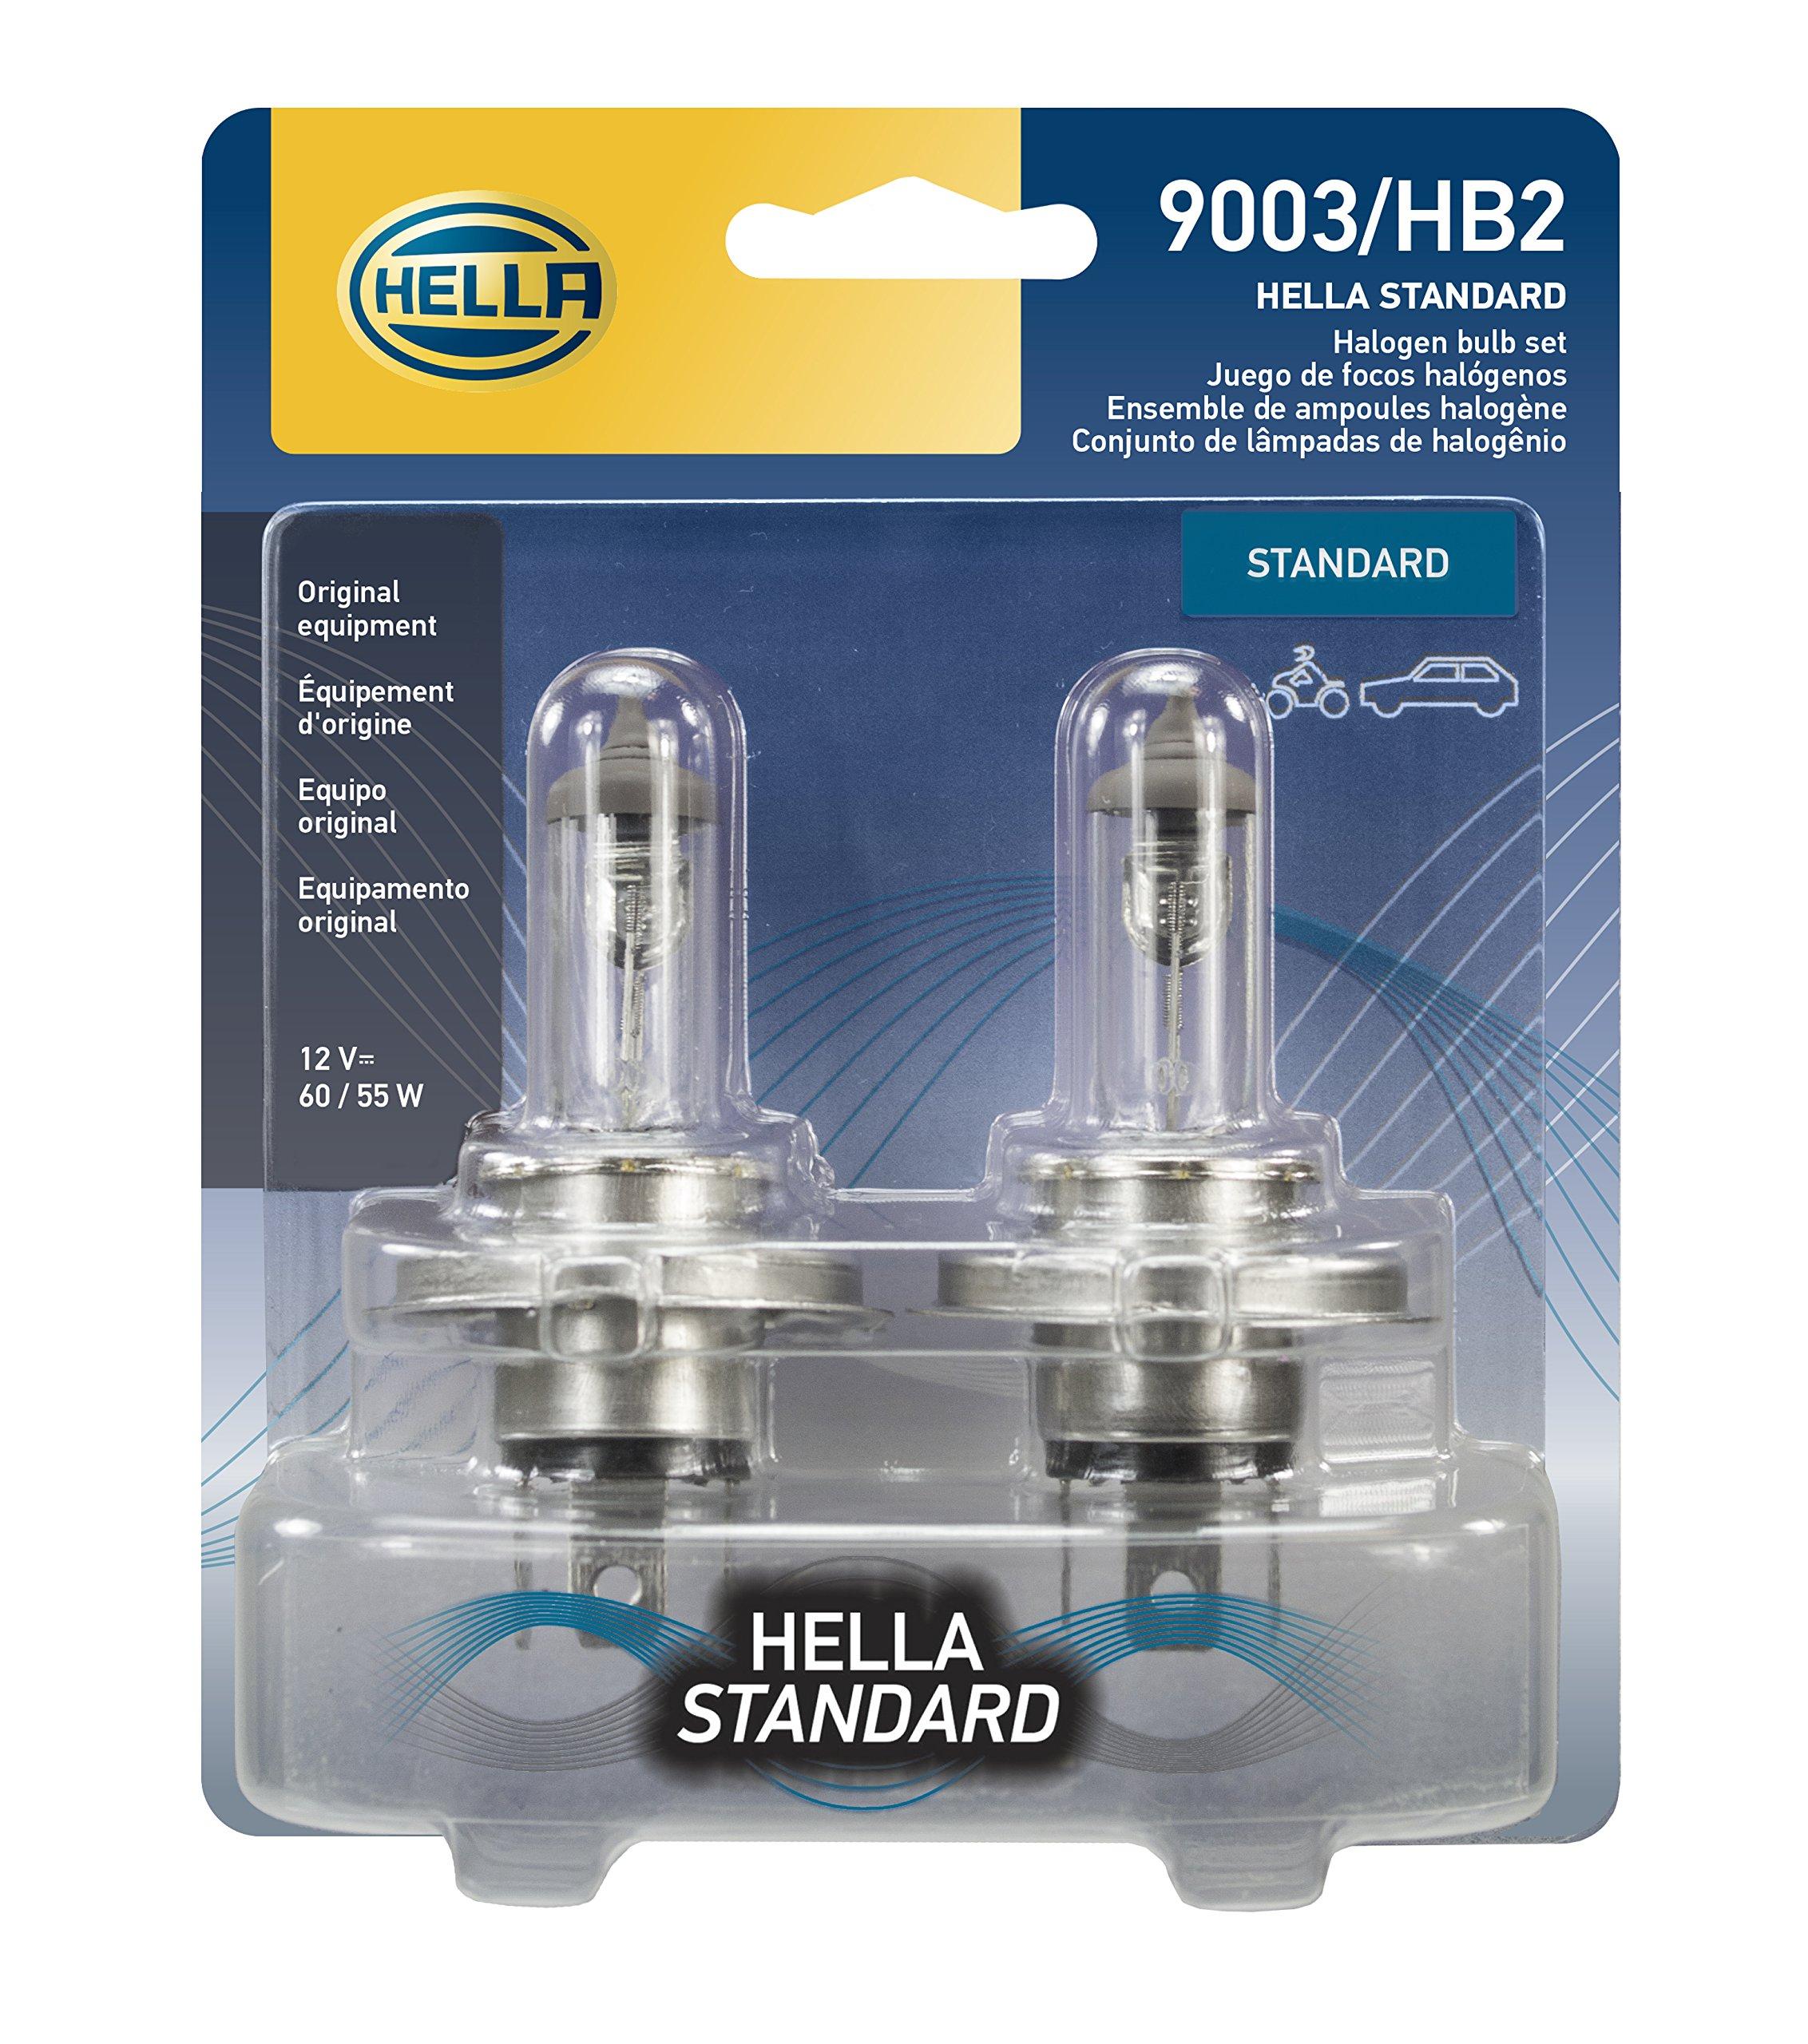 HELLA 9003TB Standard Halogen Bulbs, 12 V, 60/55W